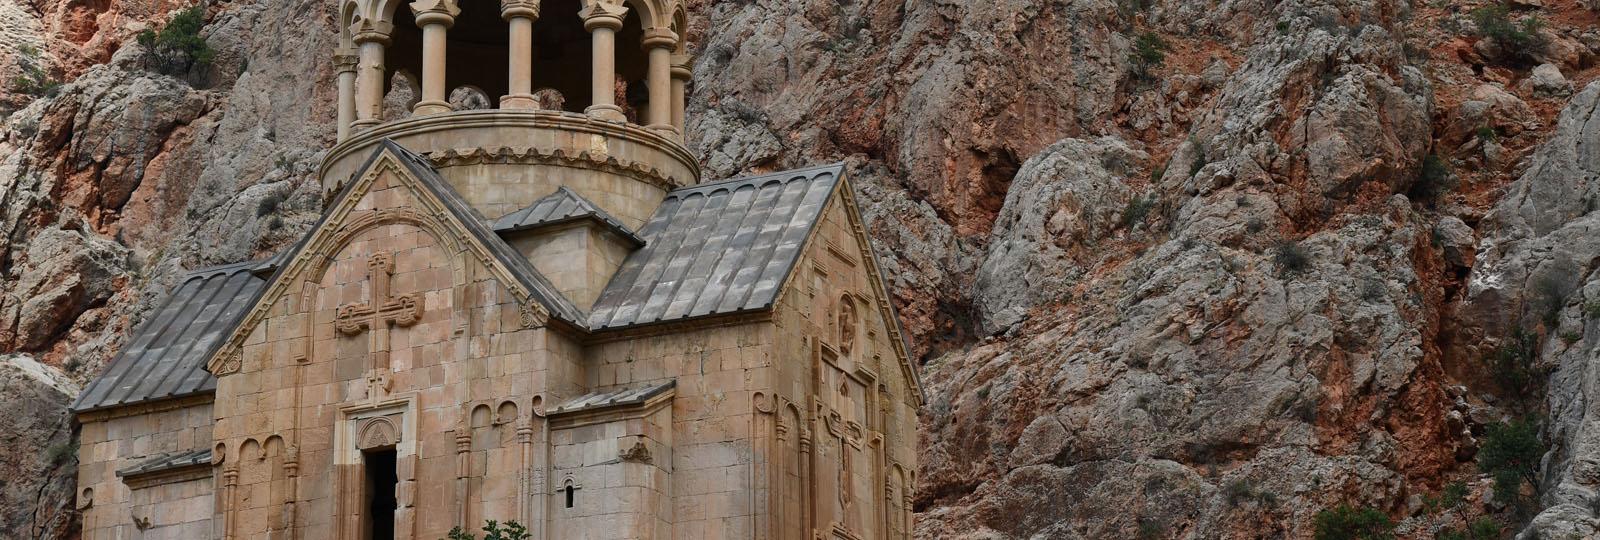 ANEX Tour предложил новые курорты Армении